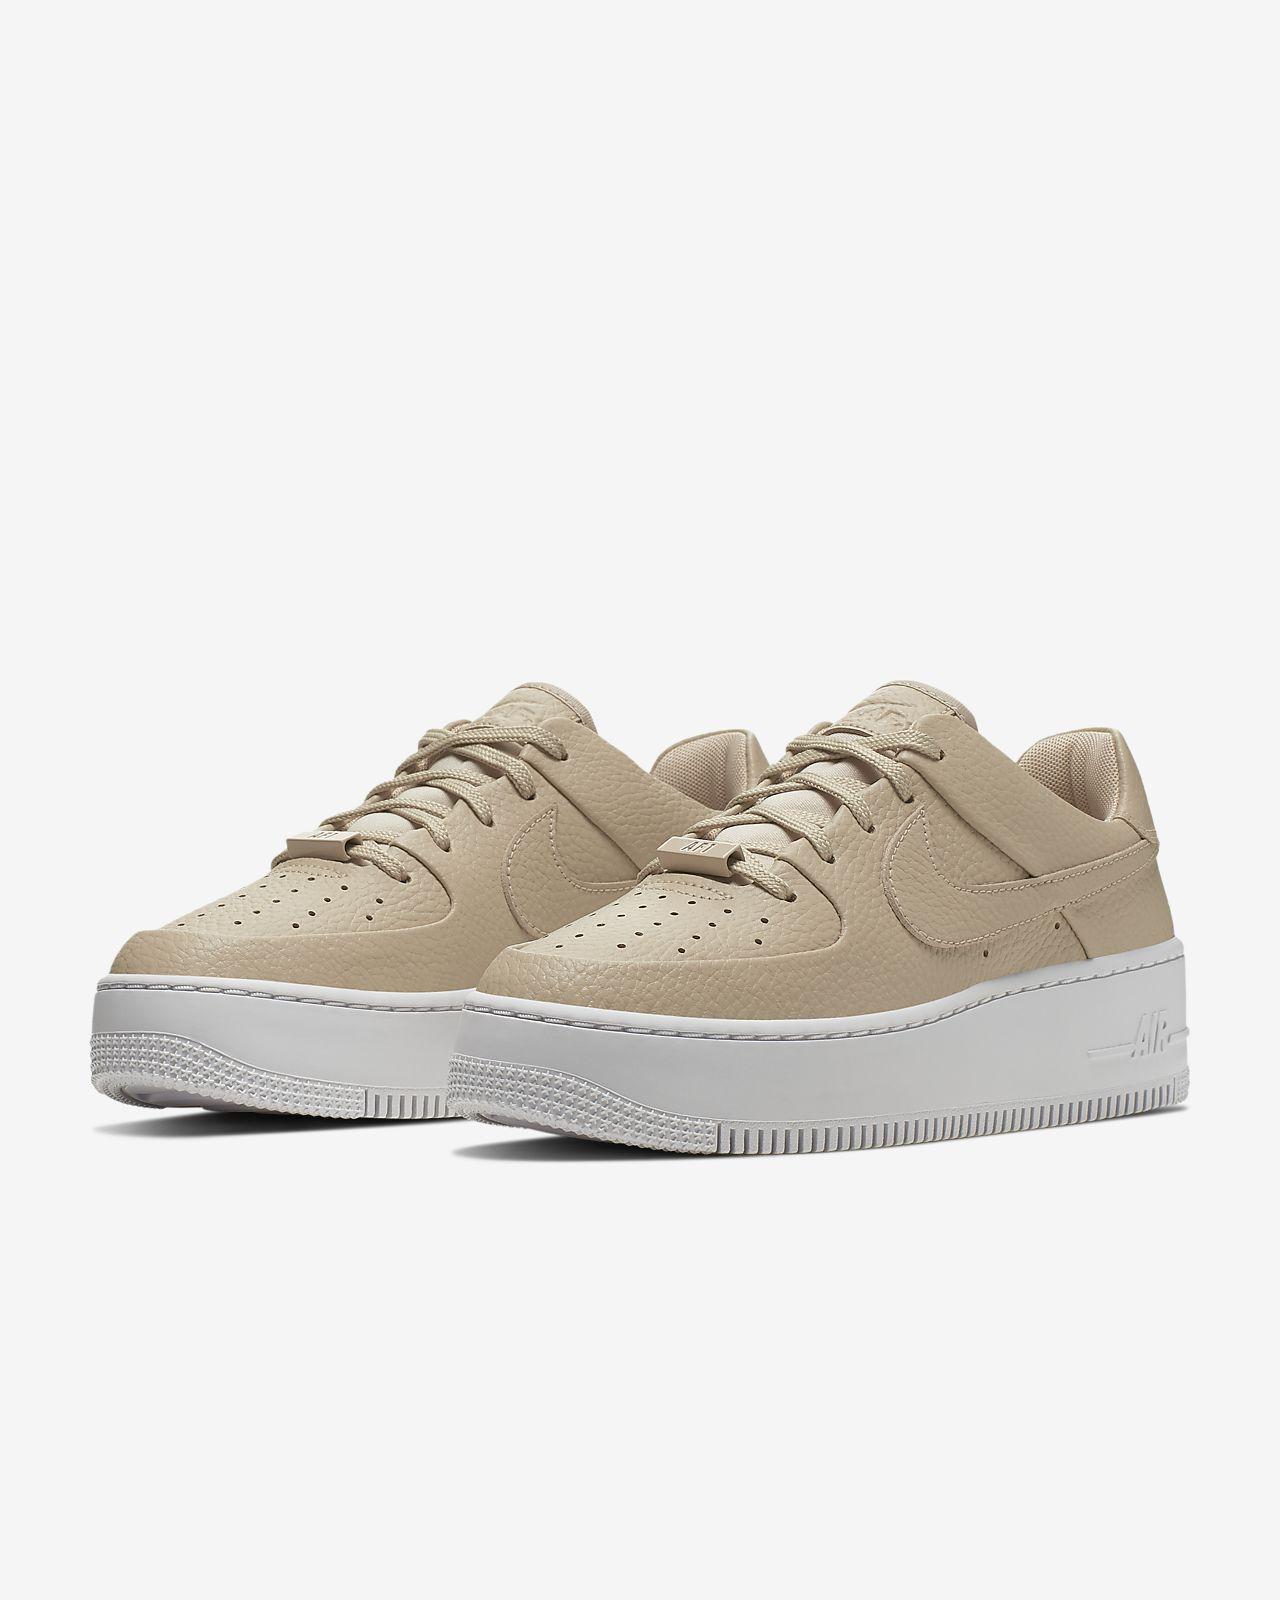 Air Force 1 Sage Low Platform Sneaker In Brown